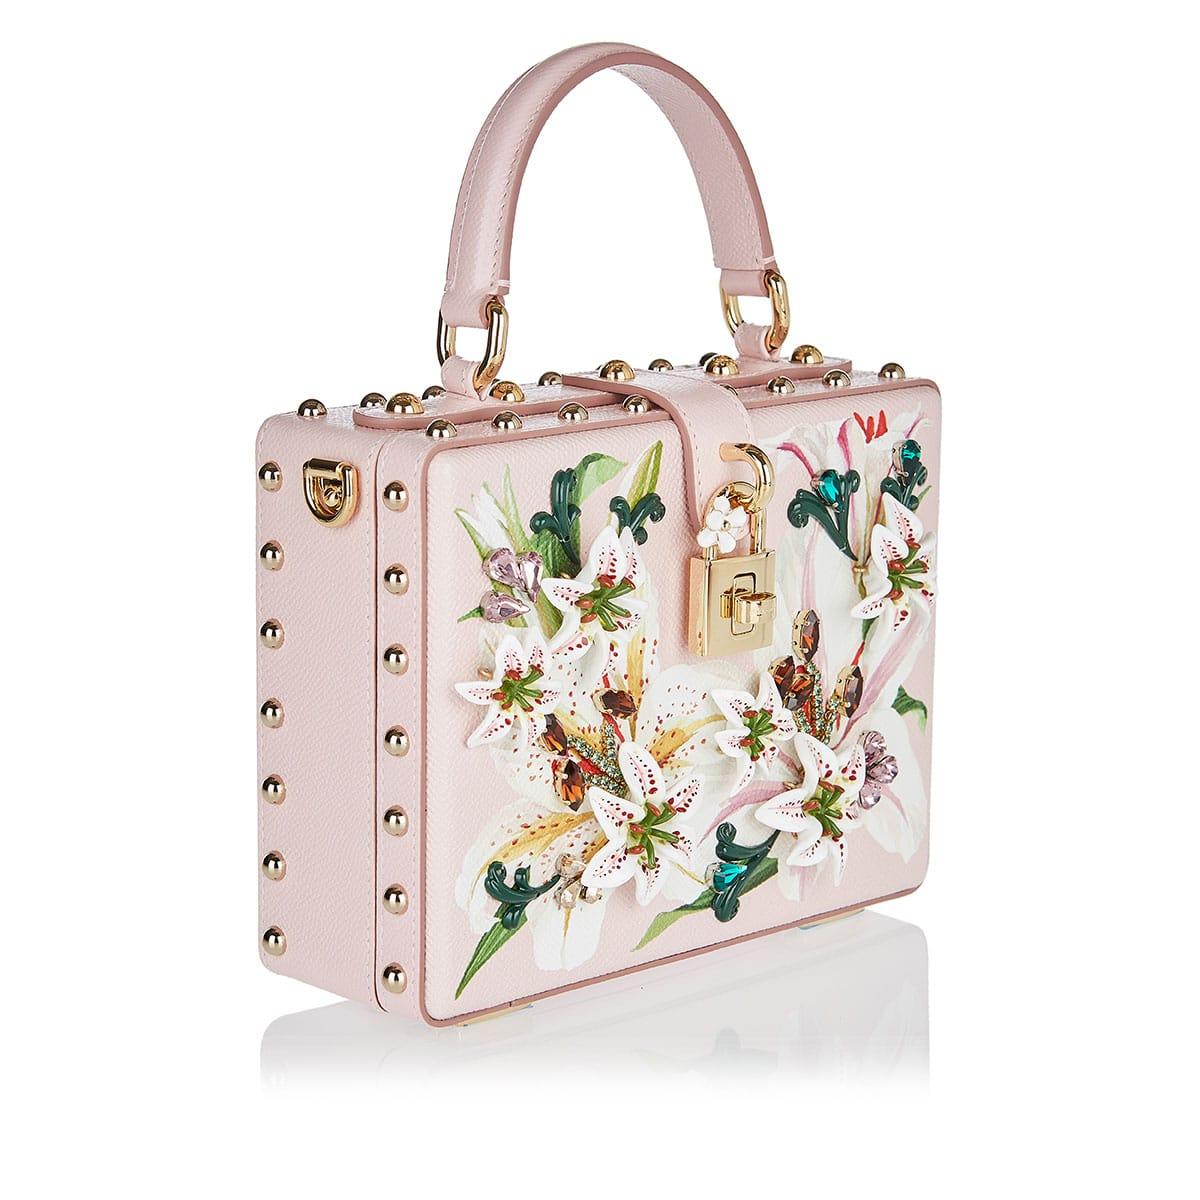 Dolce Box embellished floral bag